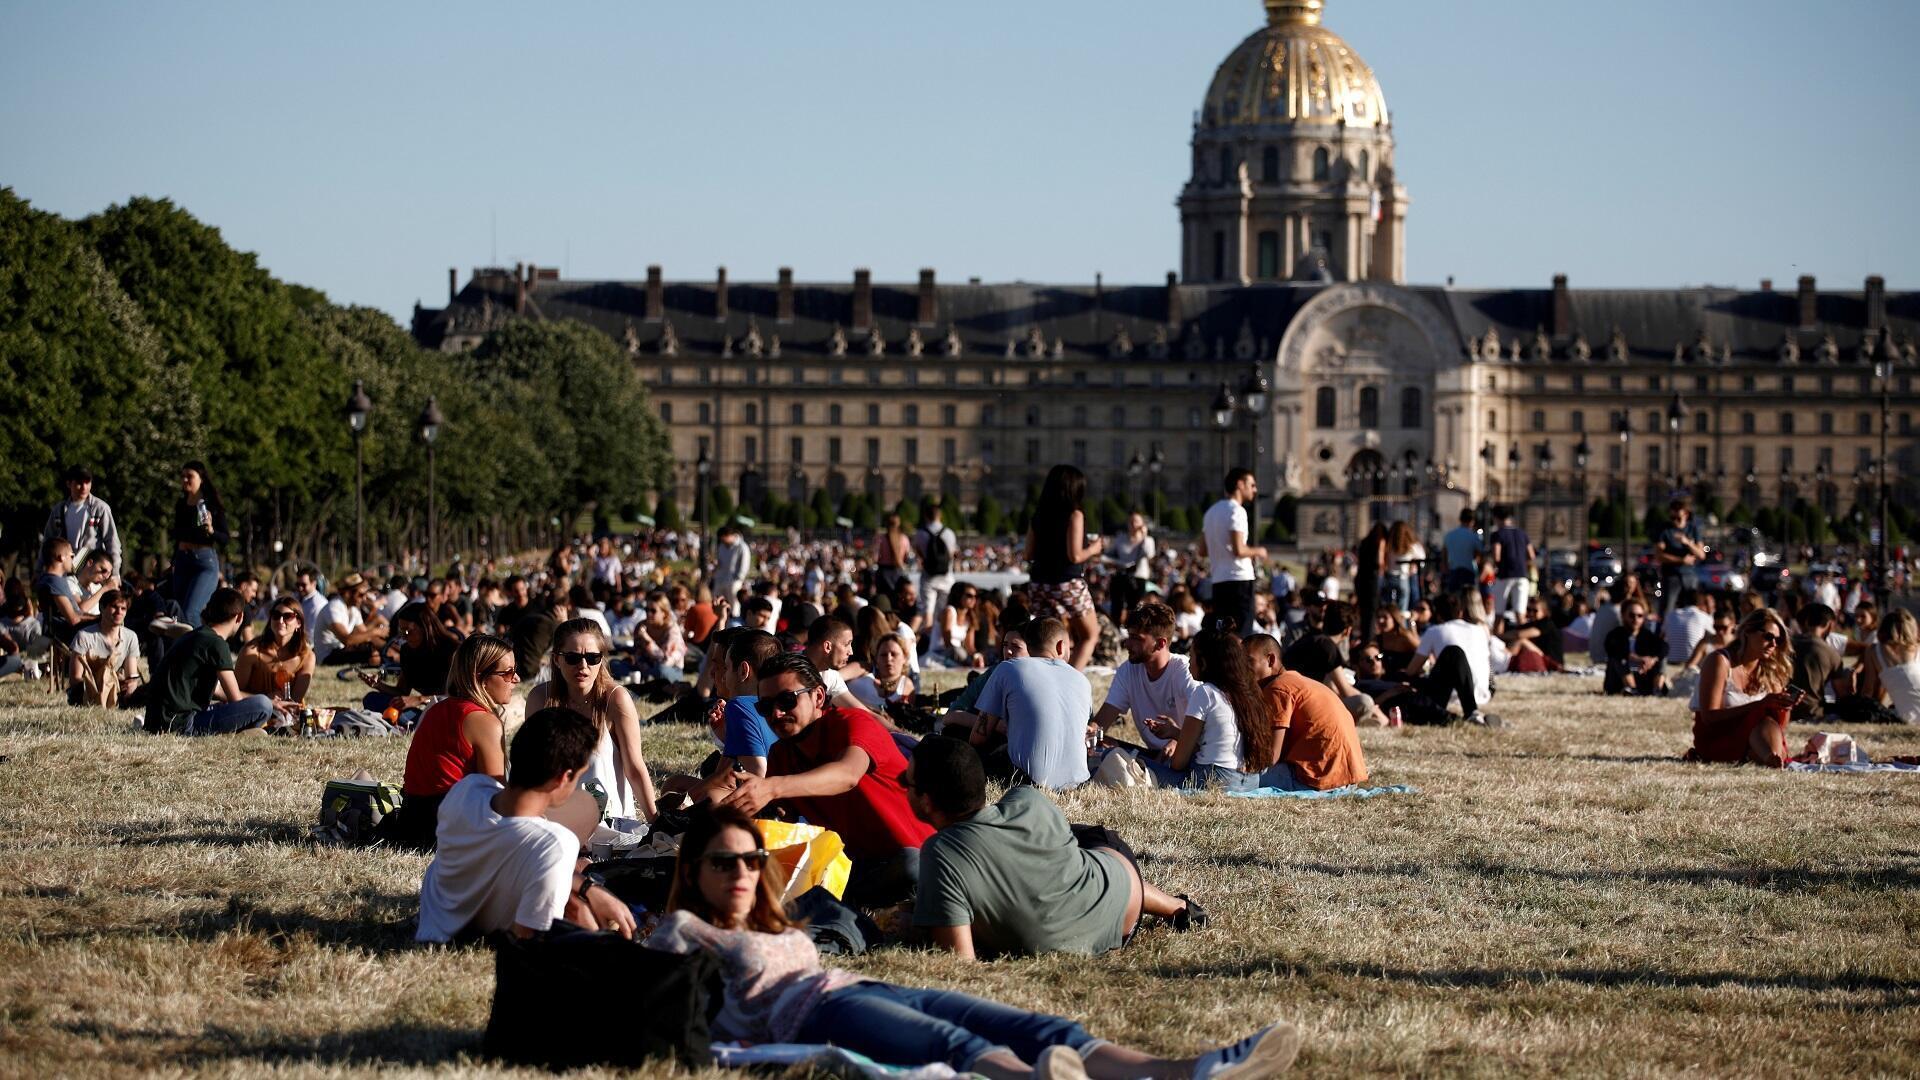 أشخاص يستمتعون بأشعة الشمس في حديقة صرح الأنفاليد بالعاصمة الفرنسية باريس، 29 مايو/أيار 2020.